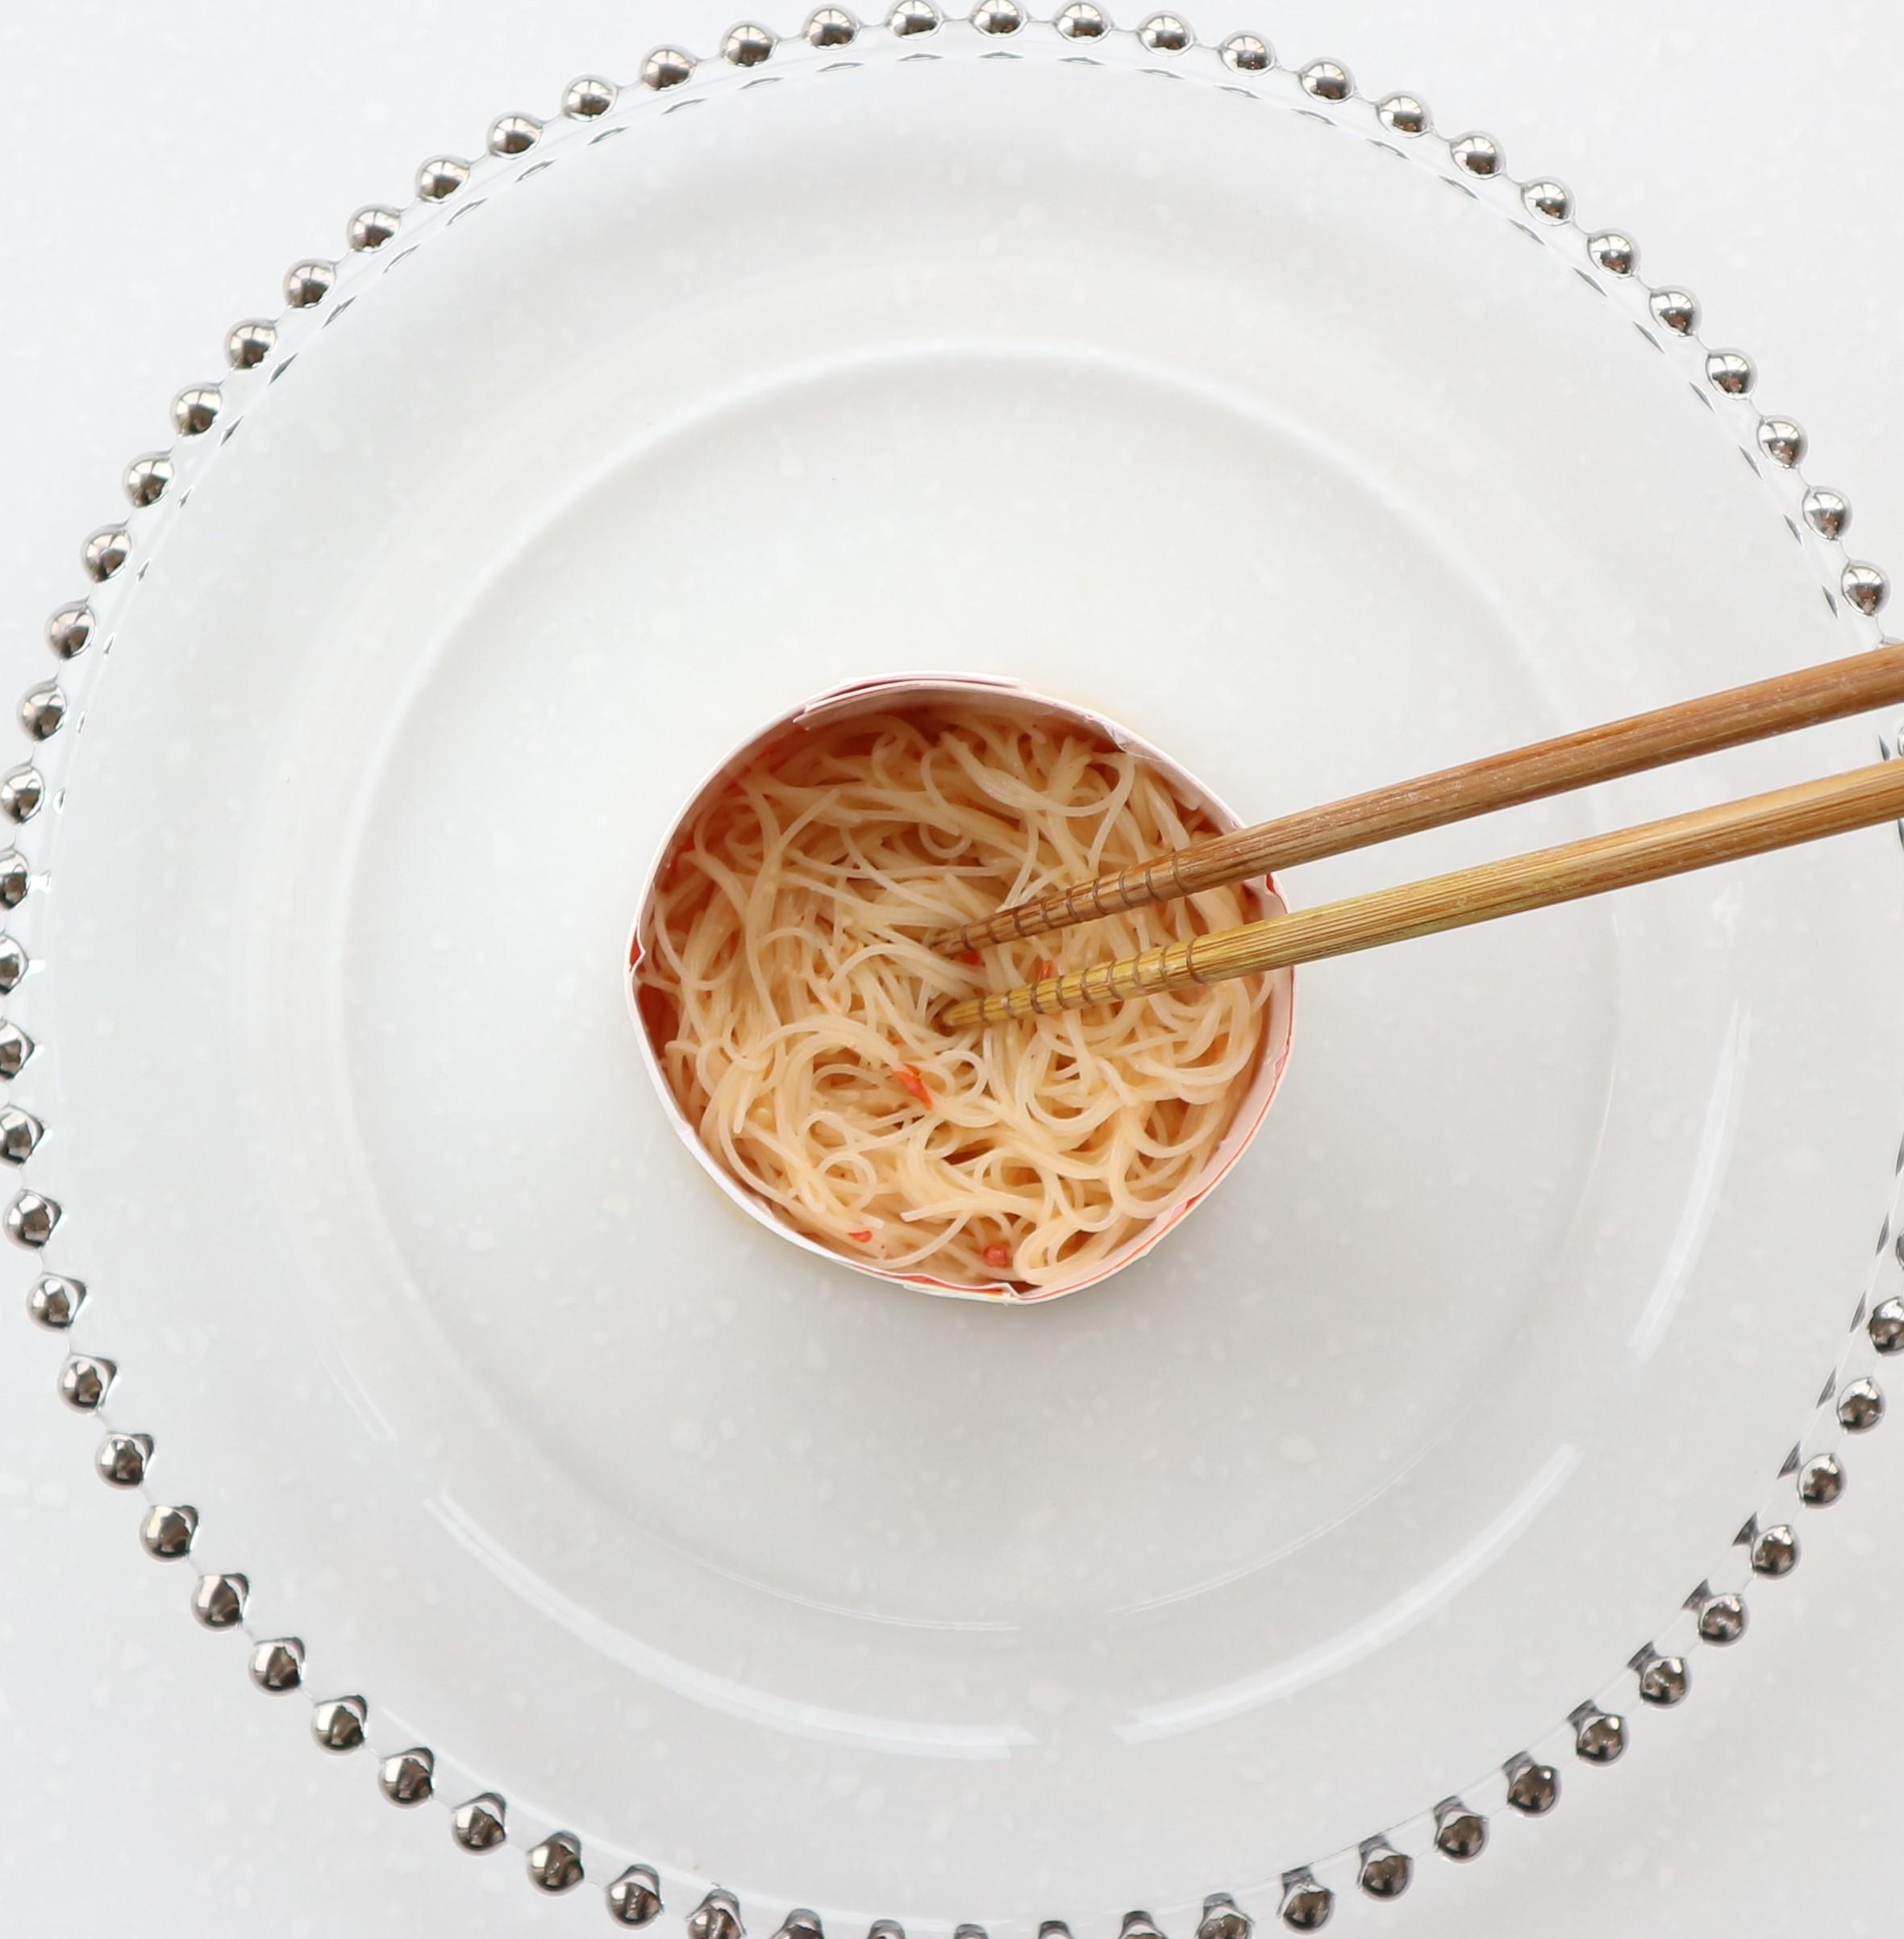 マヨ豆板醬ソースが入ったボウルにゆでたビーフンを入れ、ビーフン全体的にソースがからむように混ぜ合わせる。